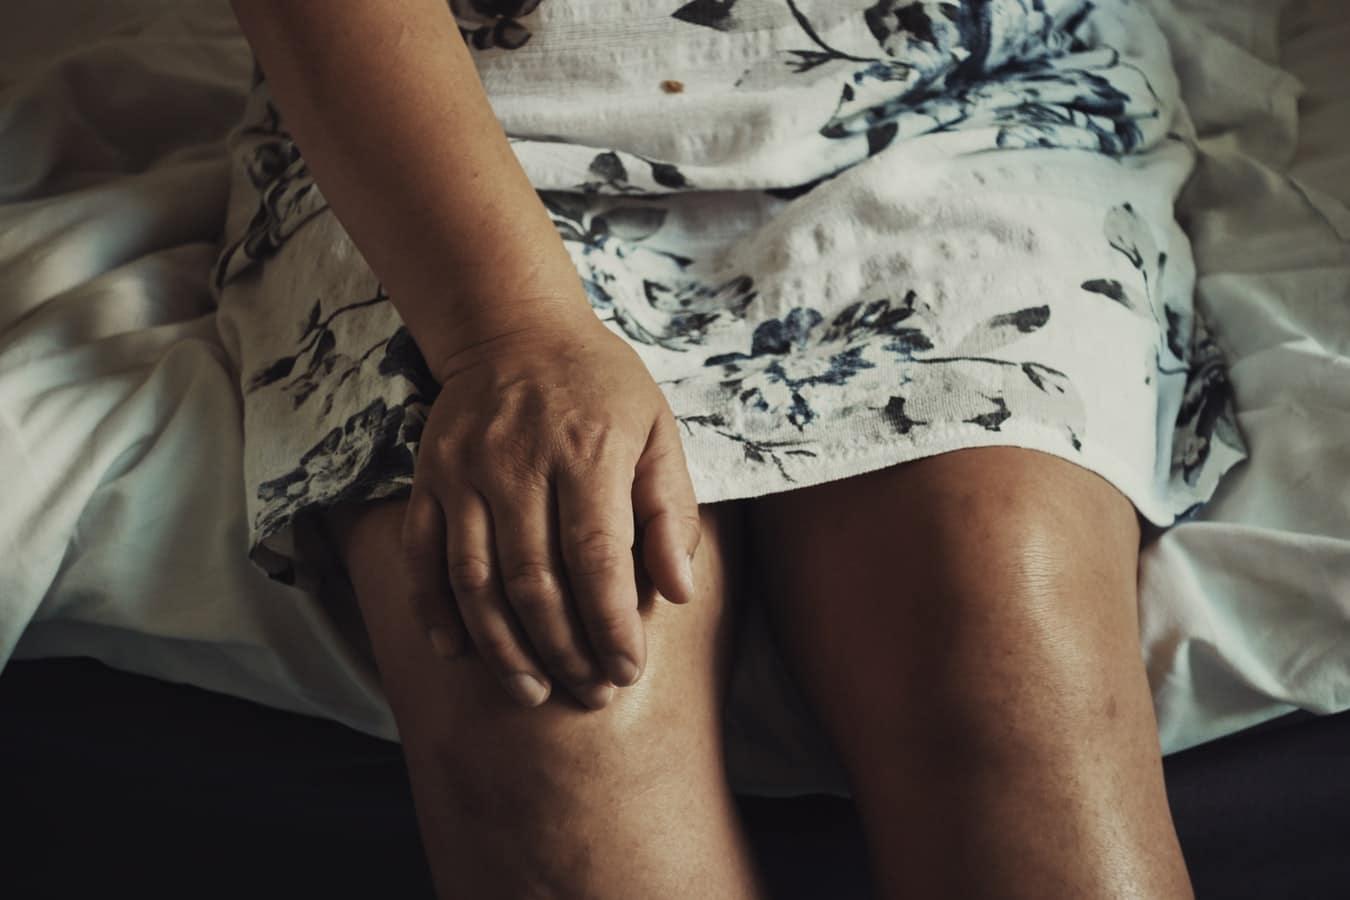 Gelenkknorpel-Verschleiß wird durch wenig Bewegung gefördert